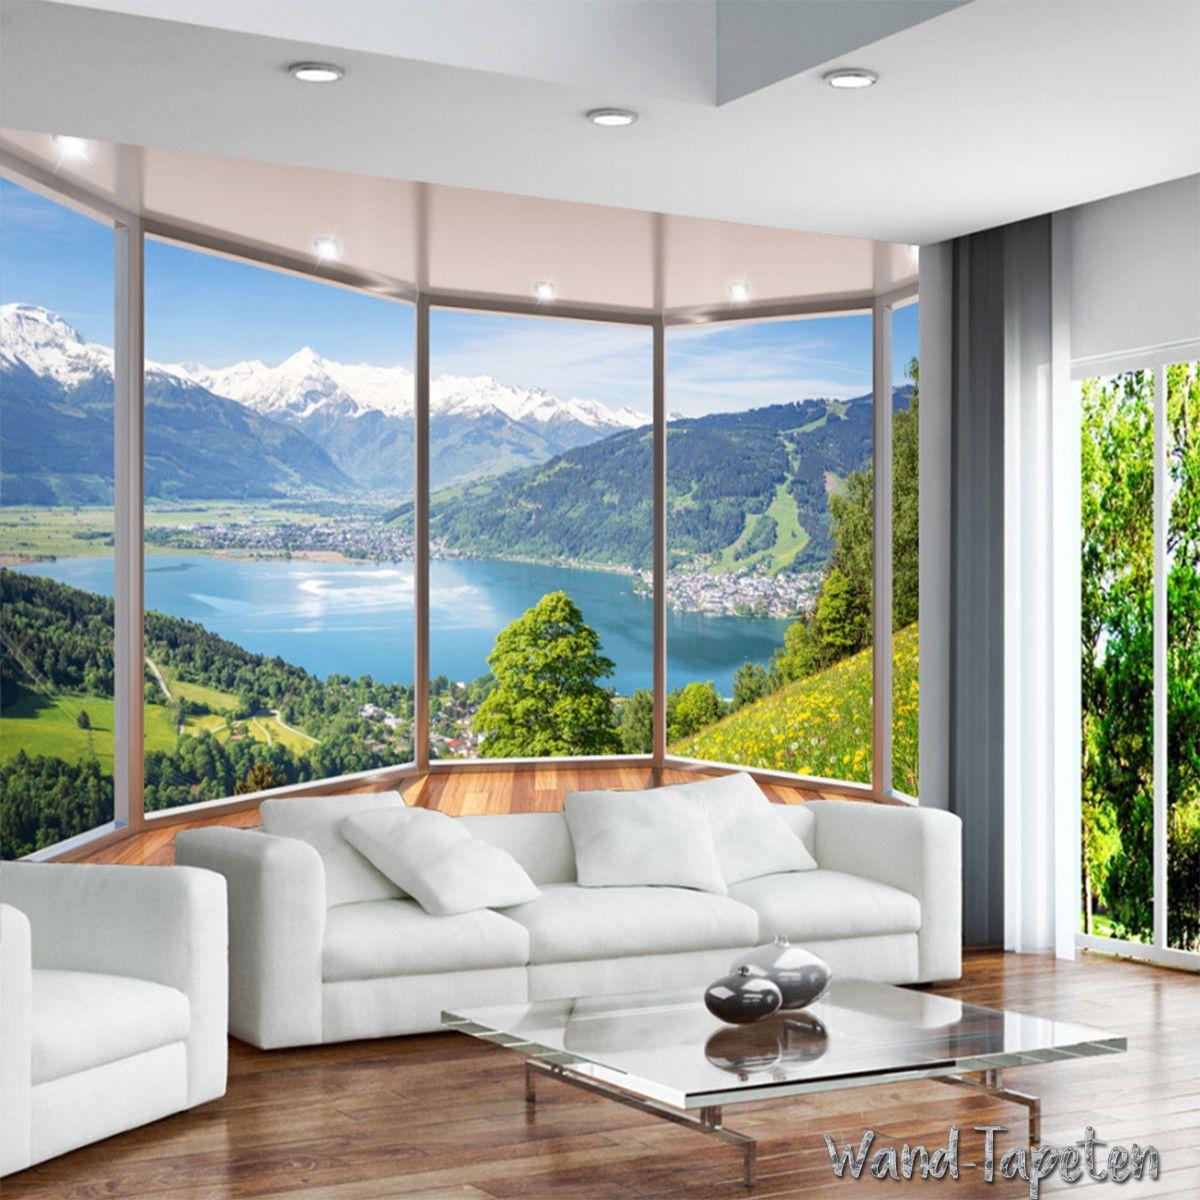 Vlies Fototapeten Wandtapeten Wandbilder 3d Balkon Fenster Landschaft Kn 1942 Wandtapeten Tapeten Wandbilder